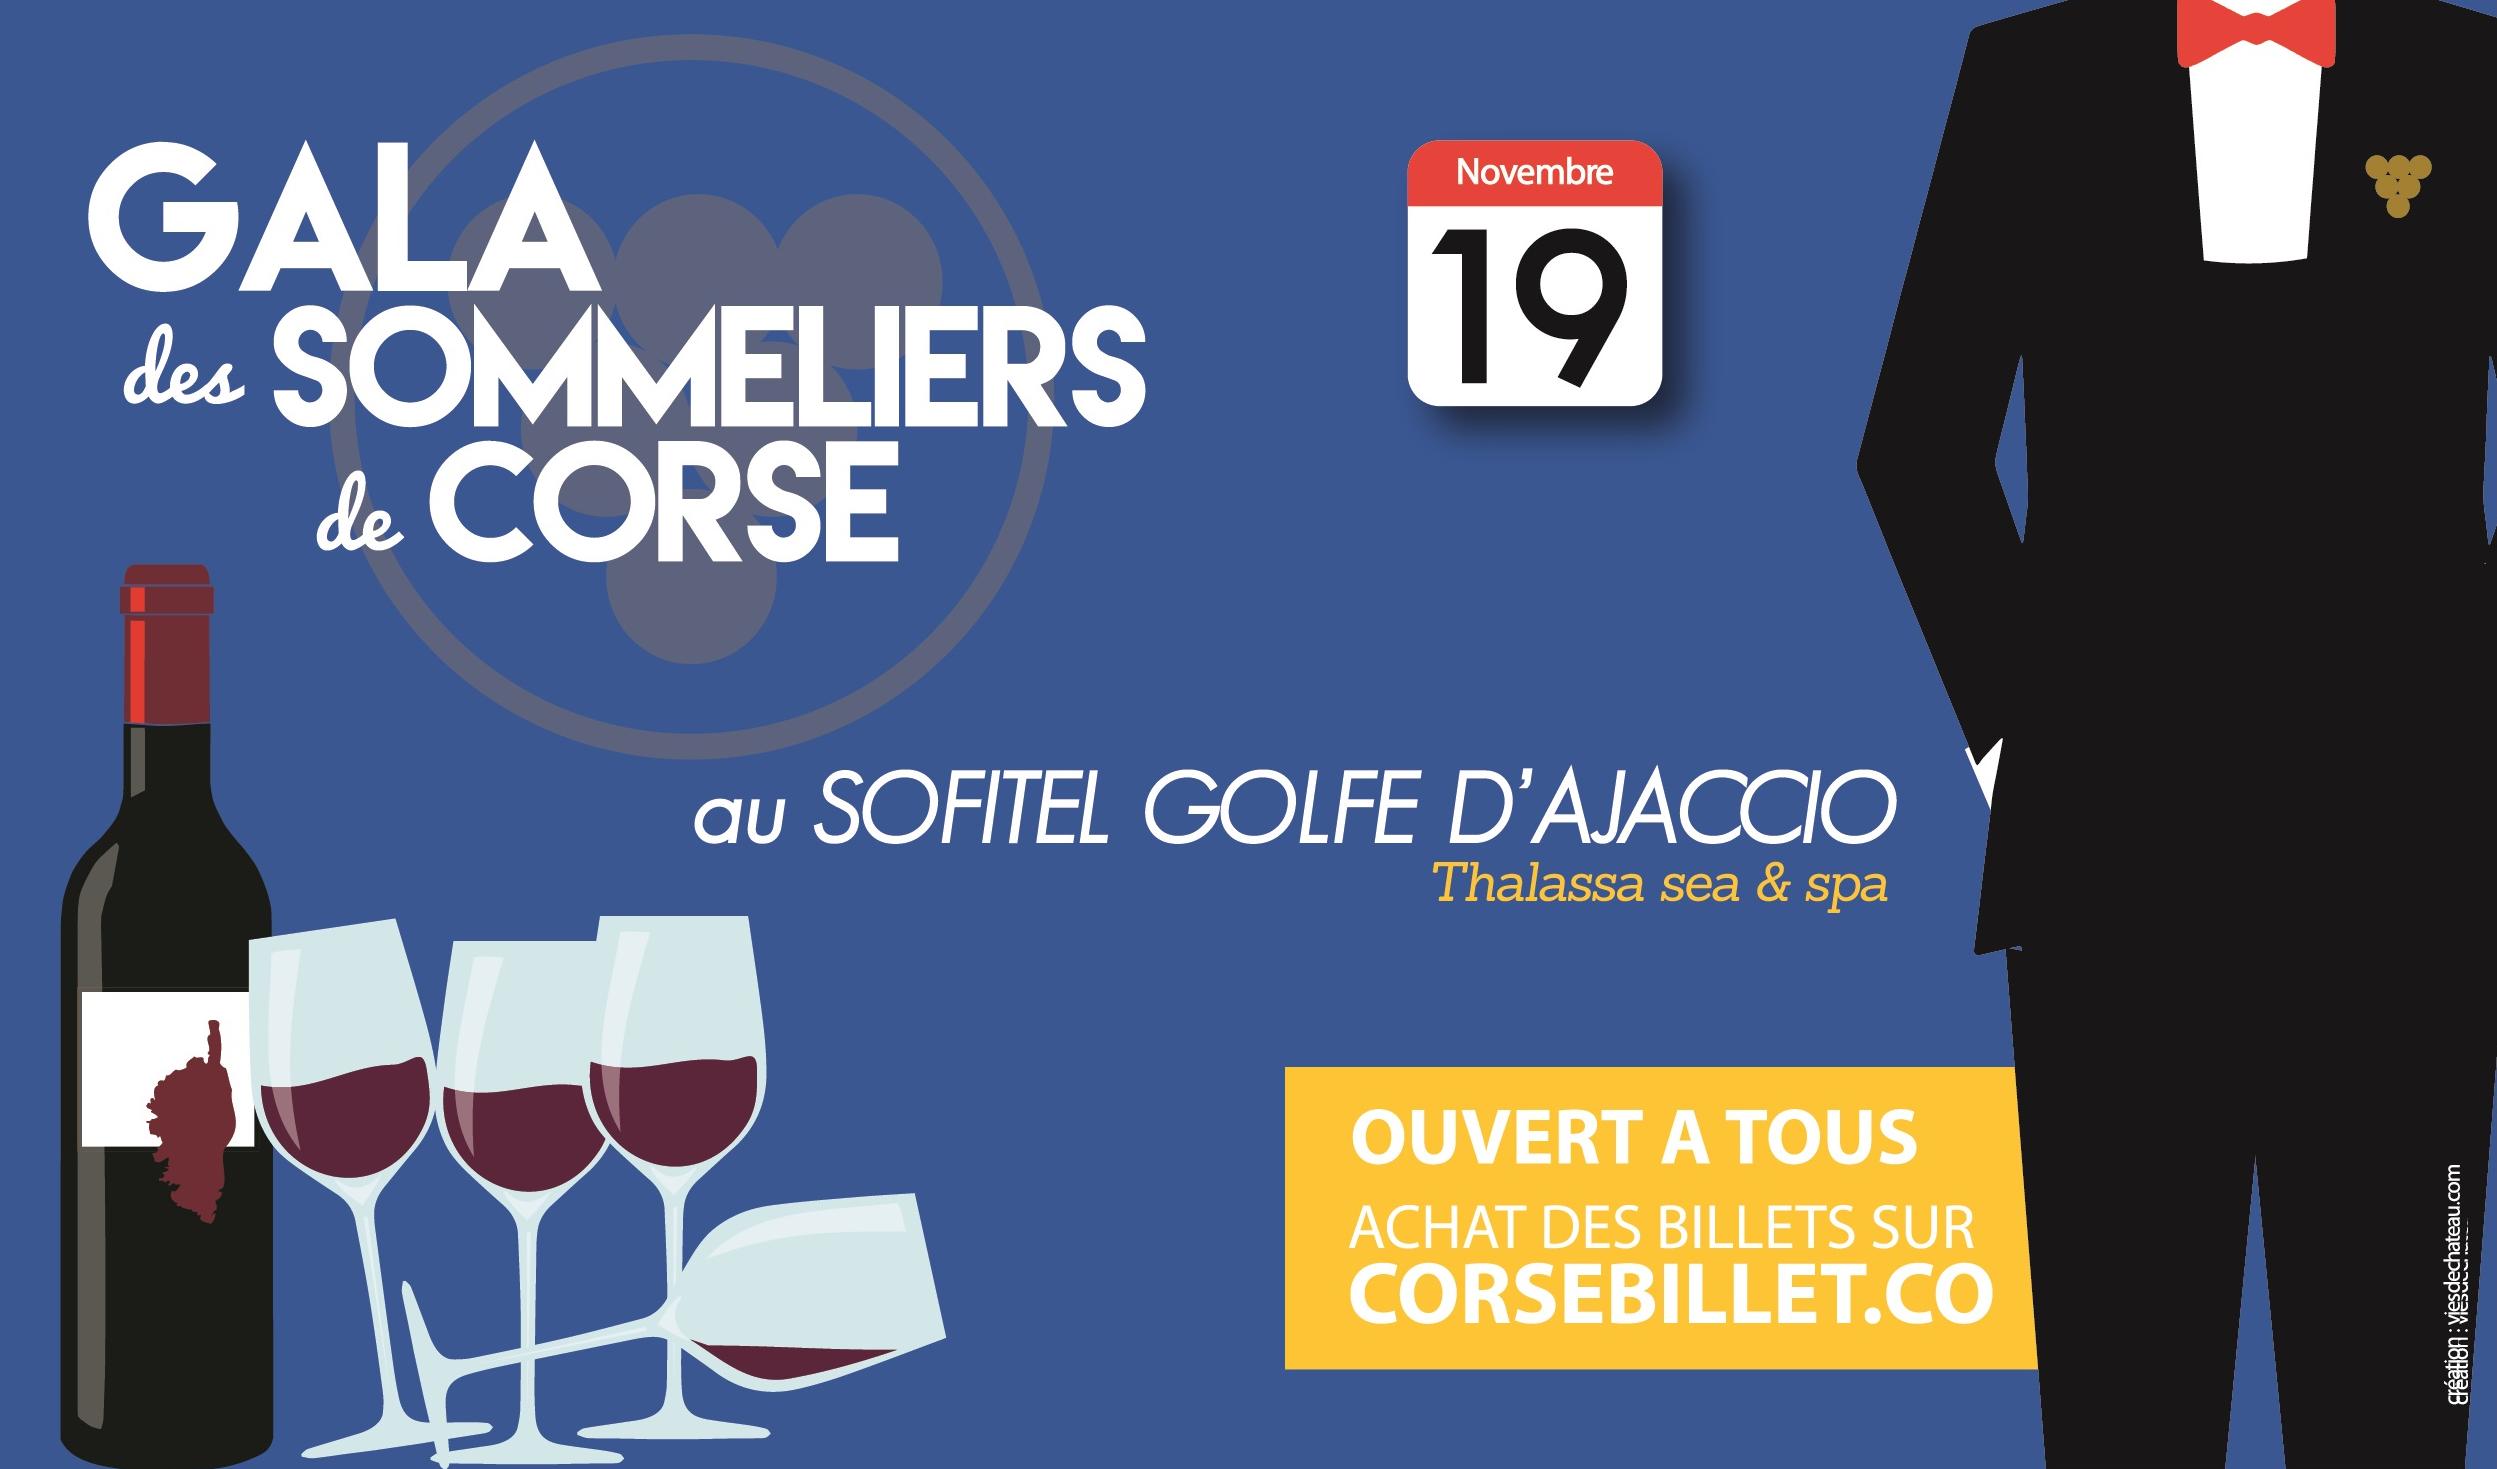 Le gala des sommeliers de Corse ouvre ses portes au public